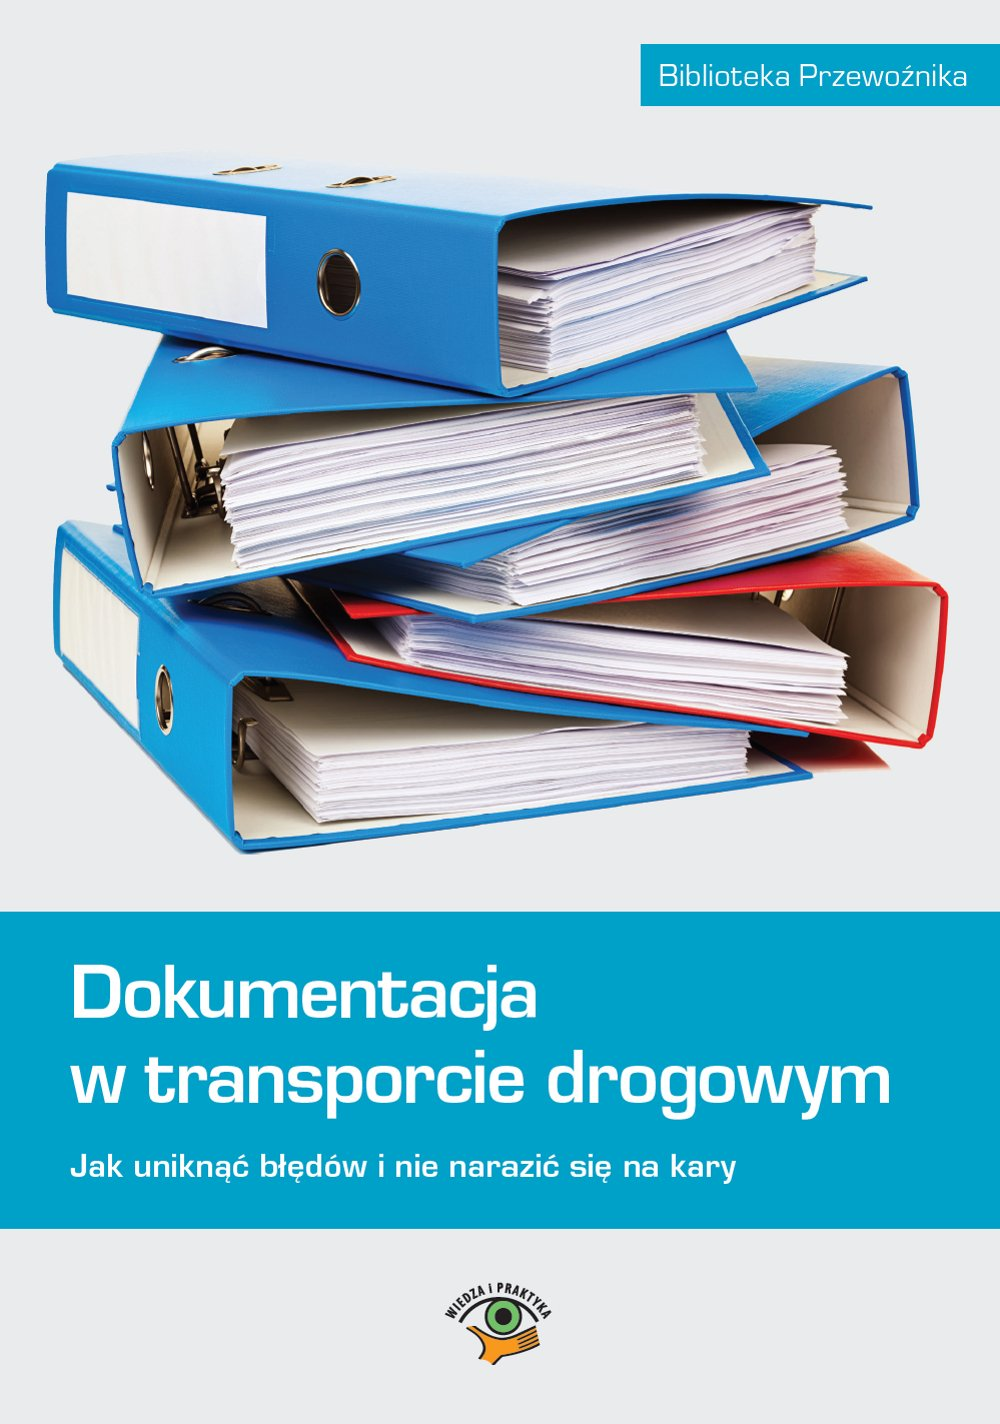 Dokumentacja w transporcie drogowym. Jak uniknąć błędów i nie narazić się na kary - Ebook (Książka na Kindle) do pobrania w formacie MOBI